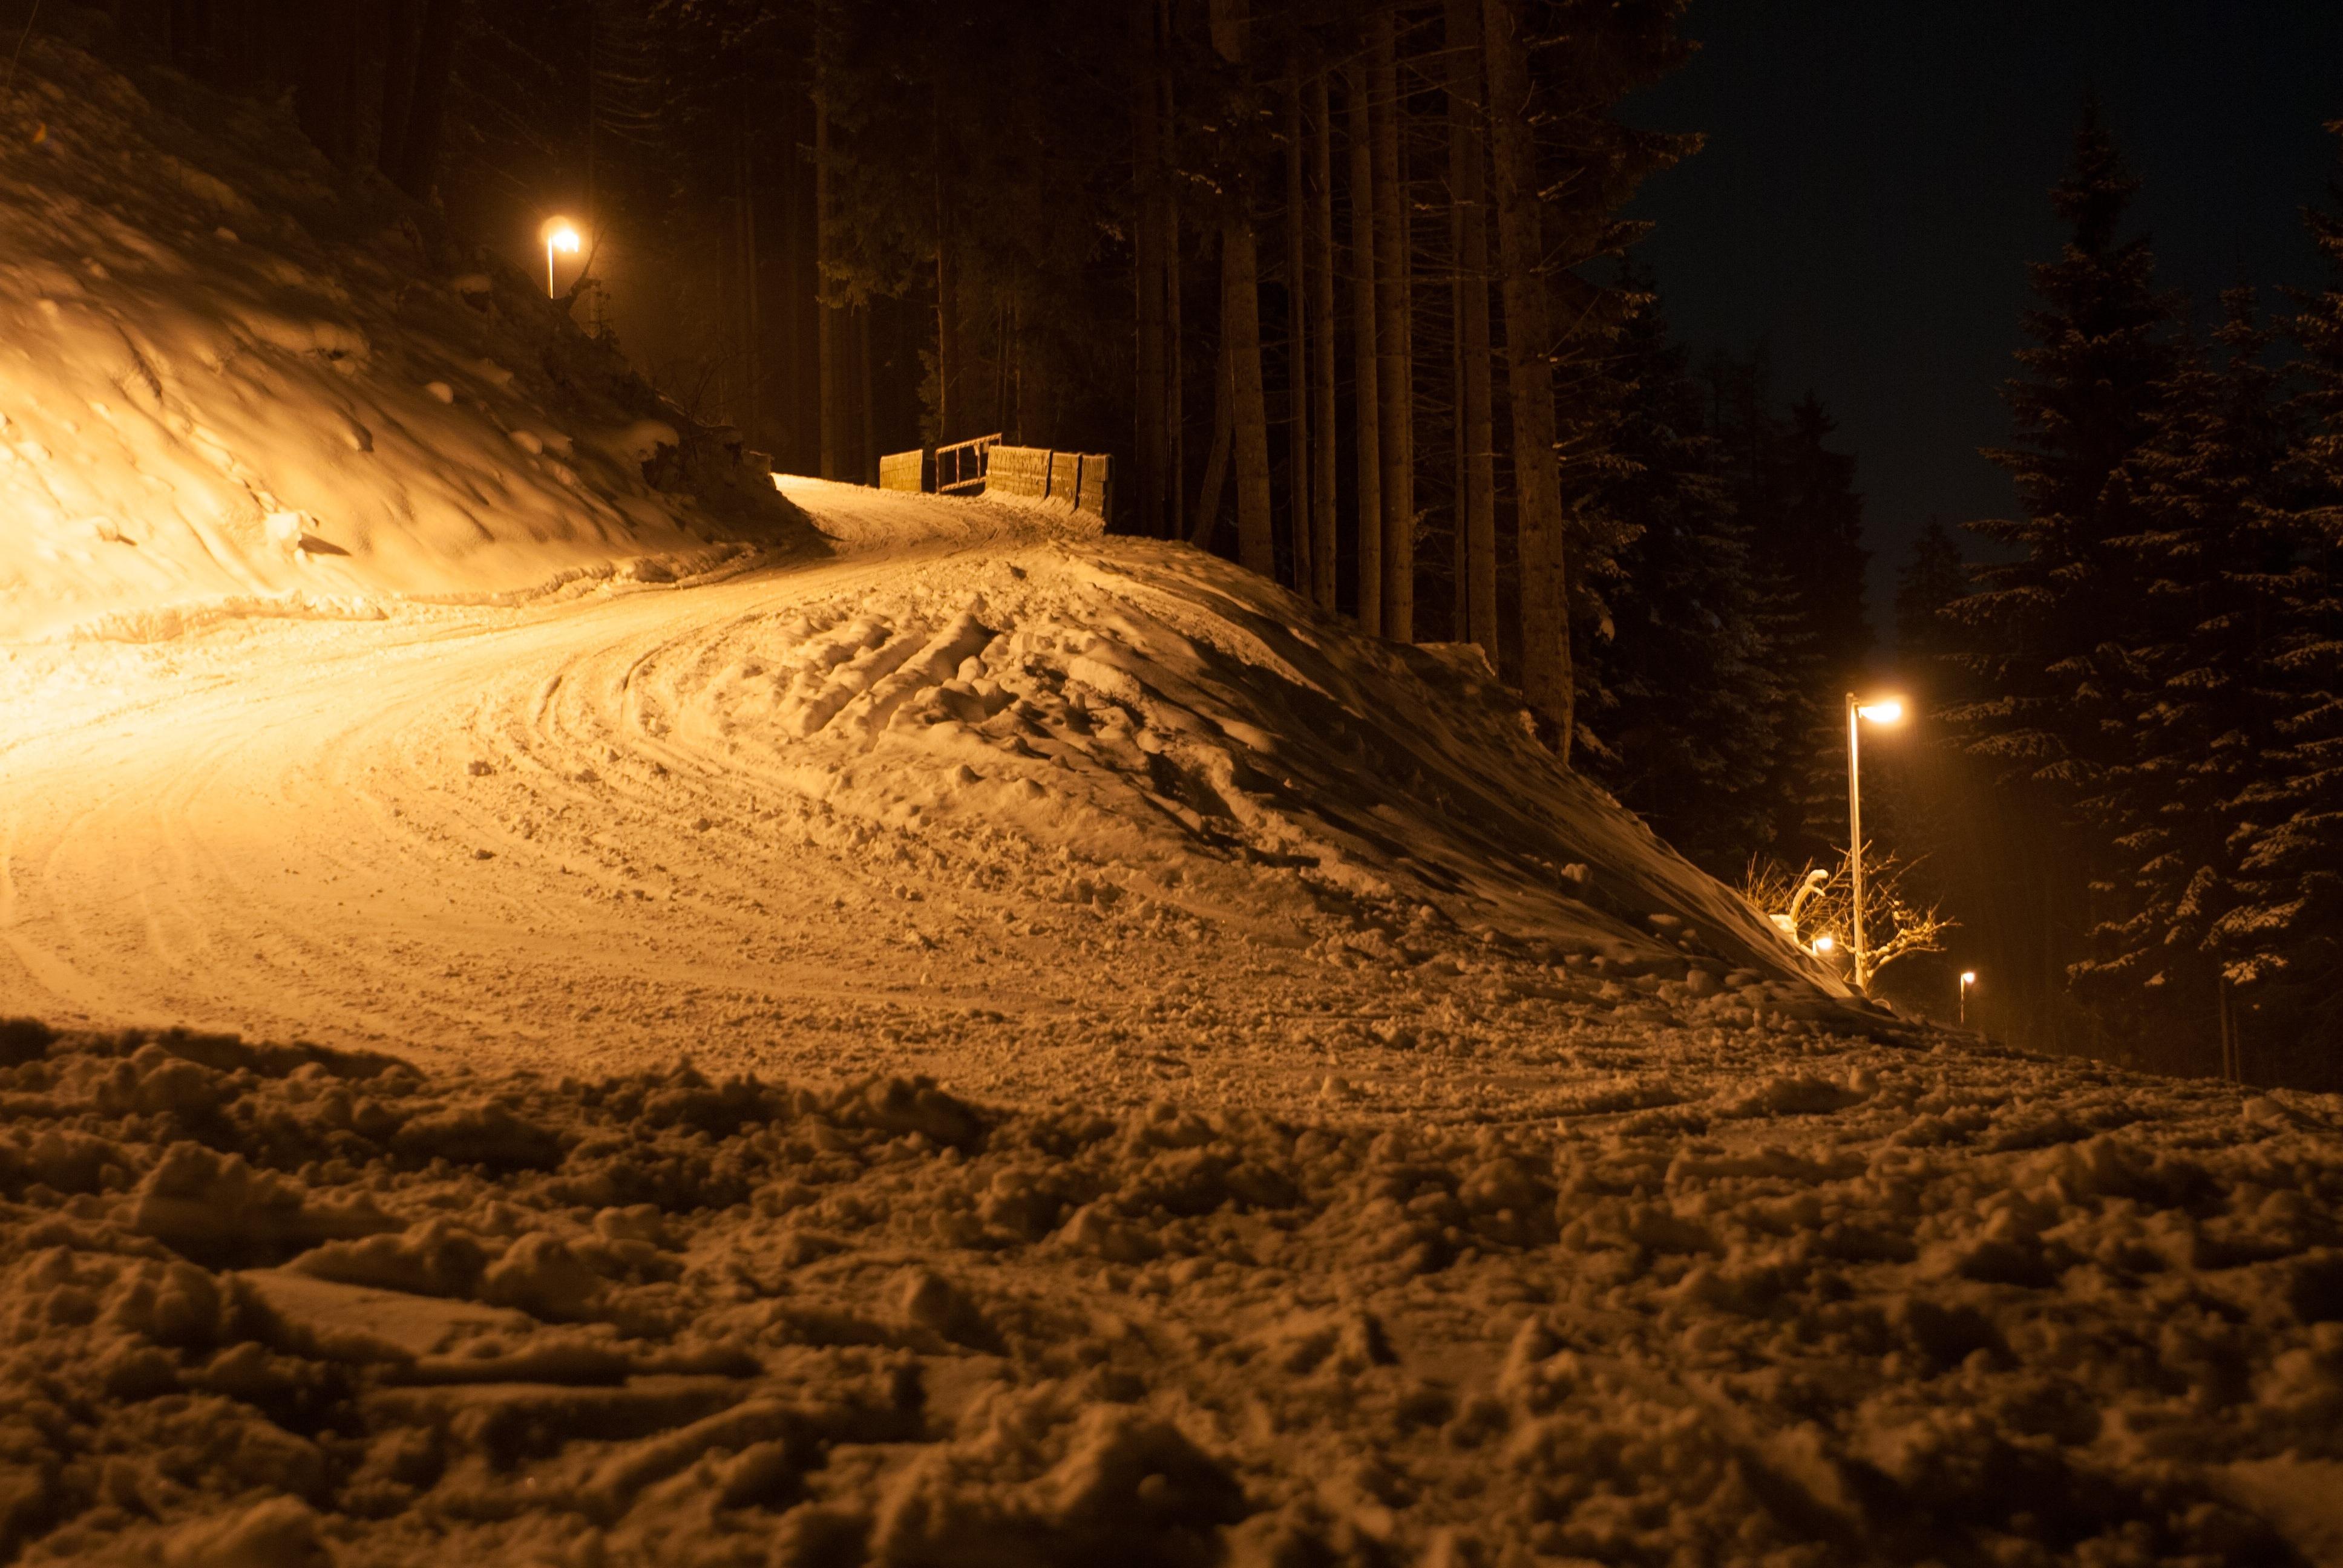 Kostenlose foto : Landschaft, Natur, Schnee, Winter, Licht, Straße ...